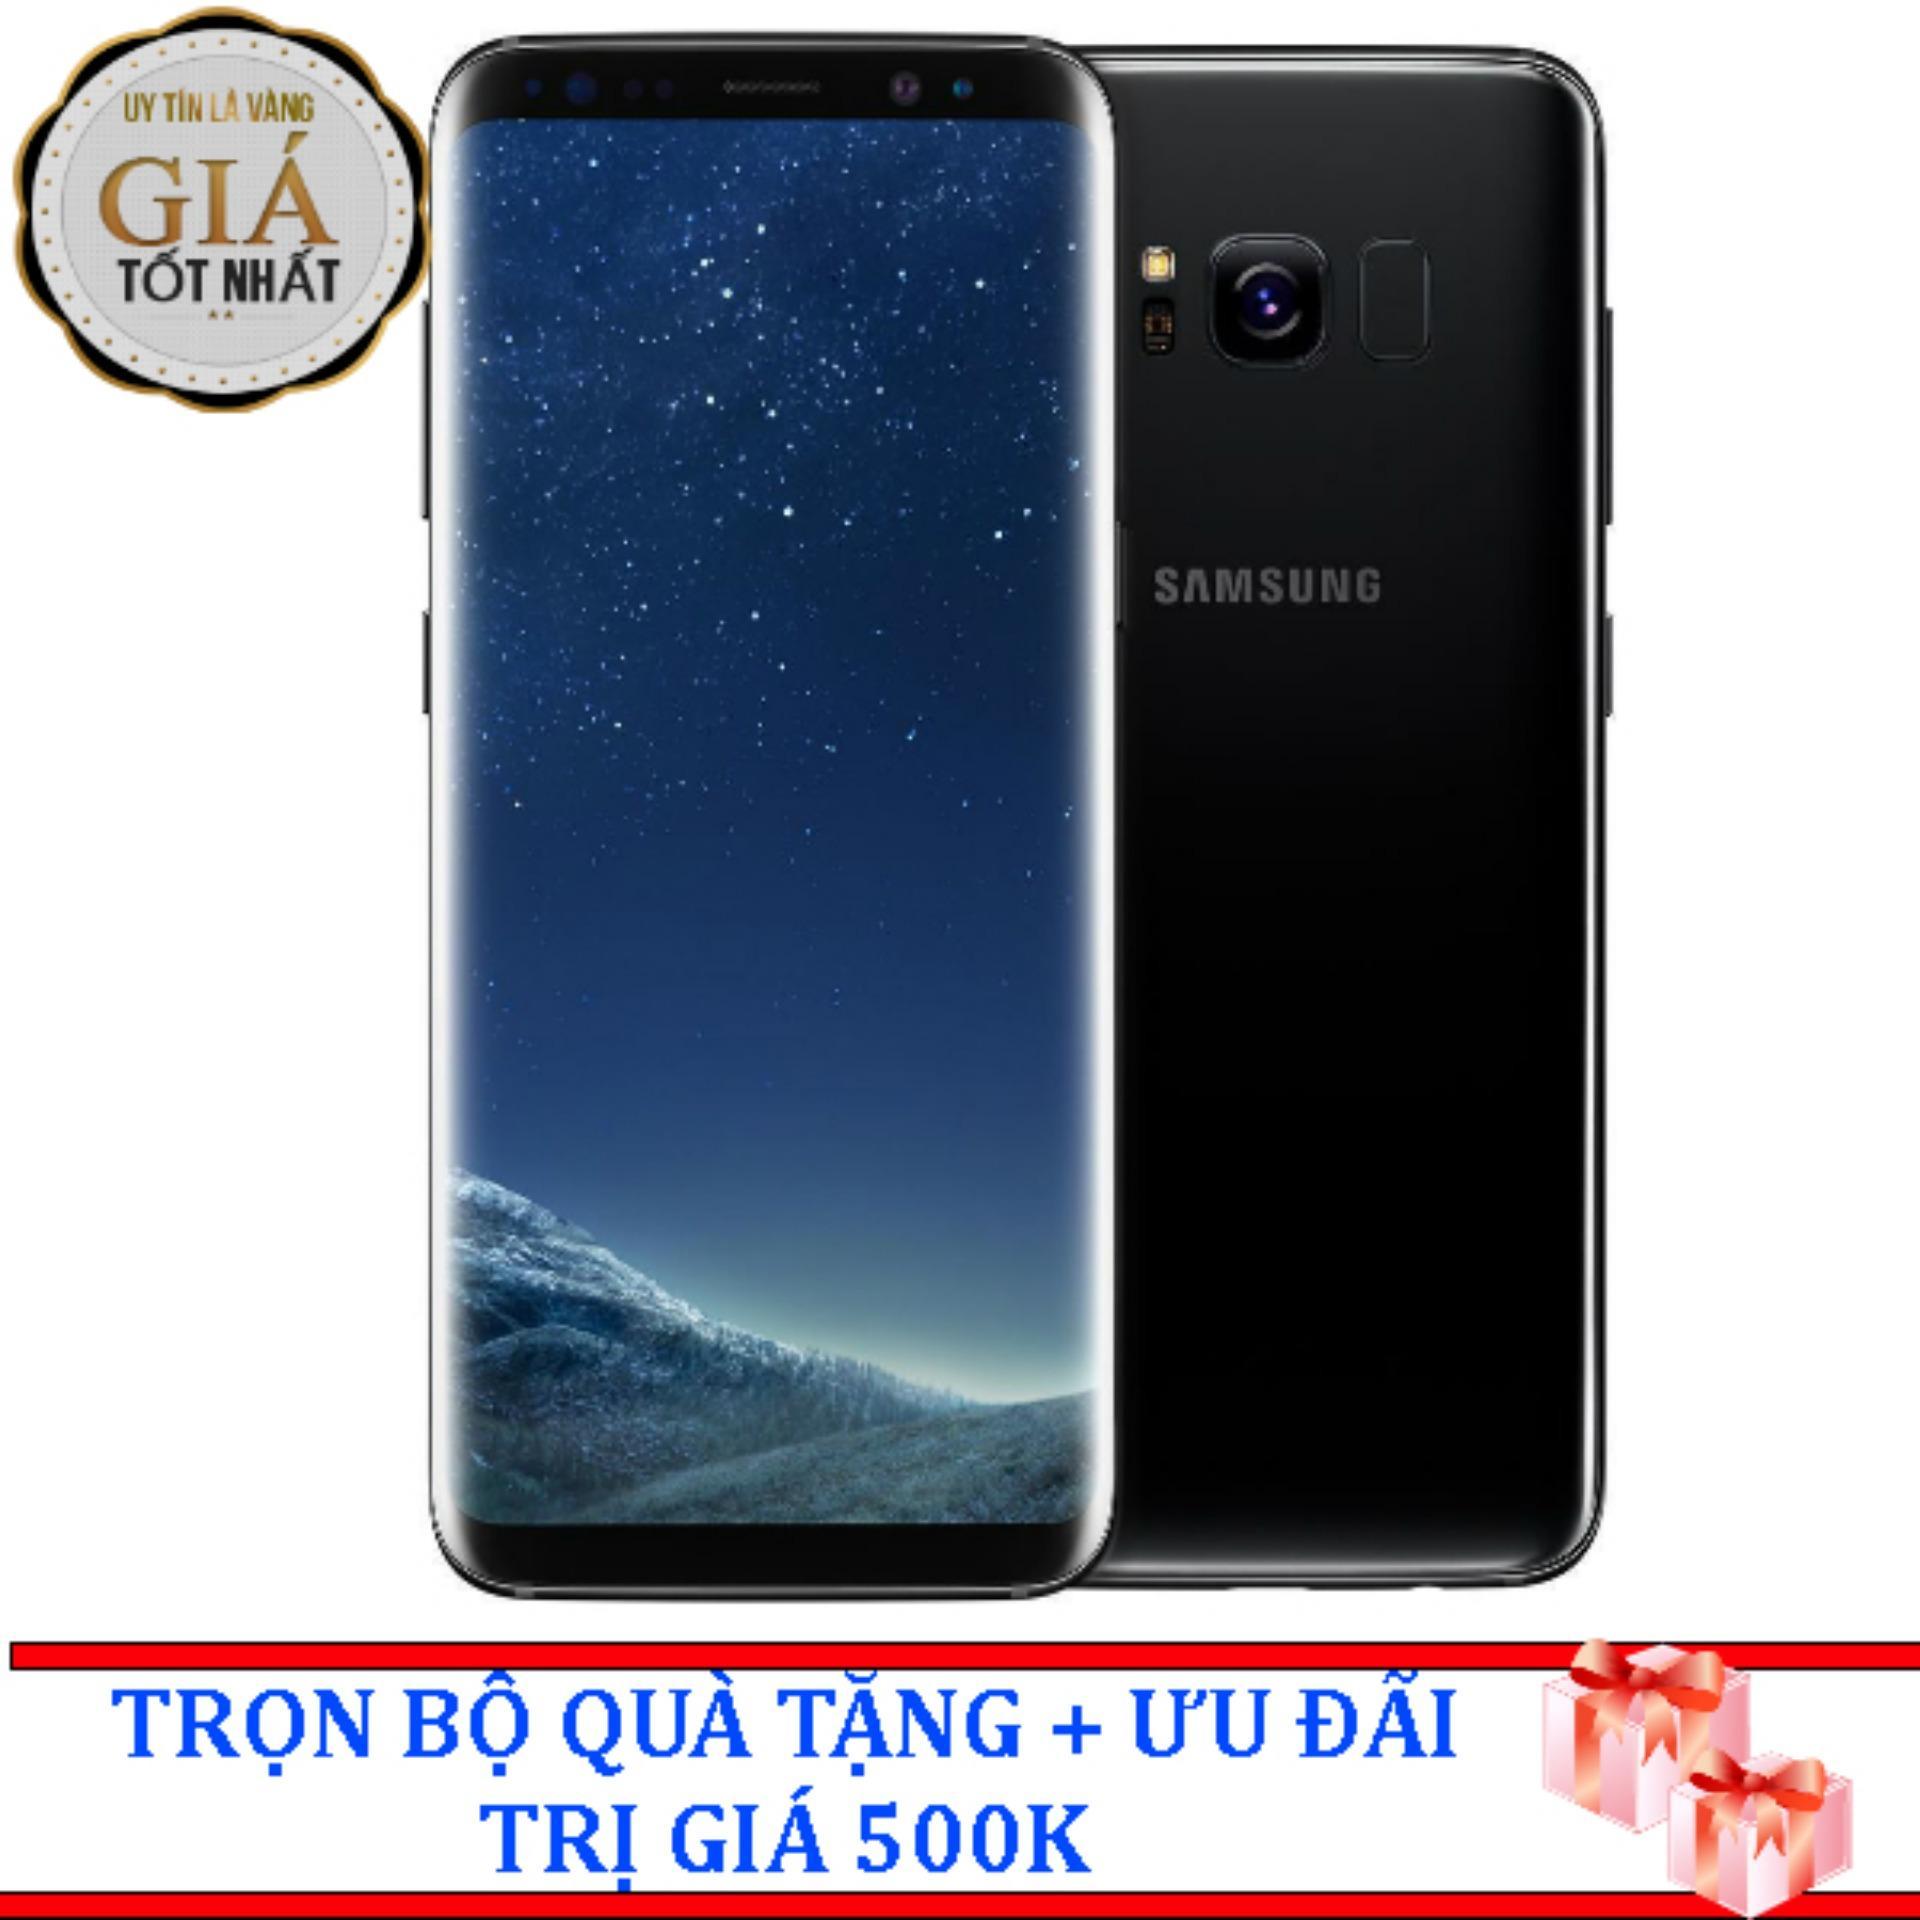 Giá Bán Samsung Galaxy S8 64G Ram 4Gb 5 8Inch Đen Huyền Bi Hang Nhập Khẩu Đen 64Gb Mới Rẻ